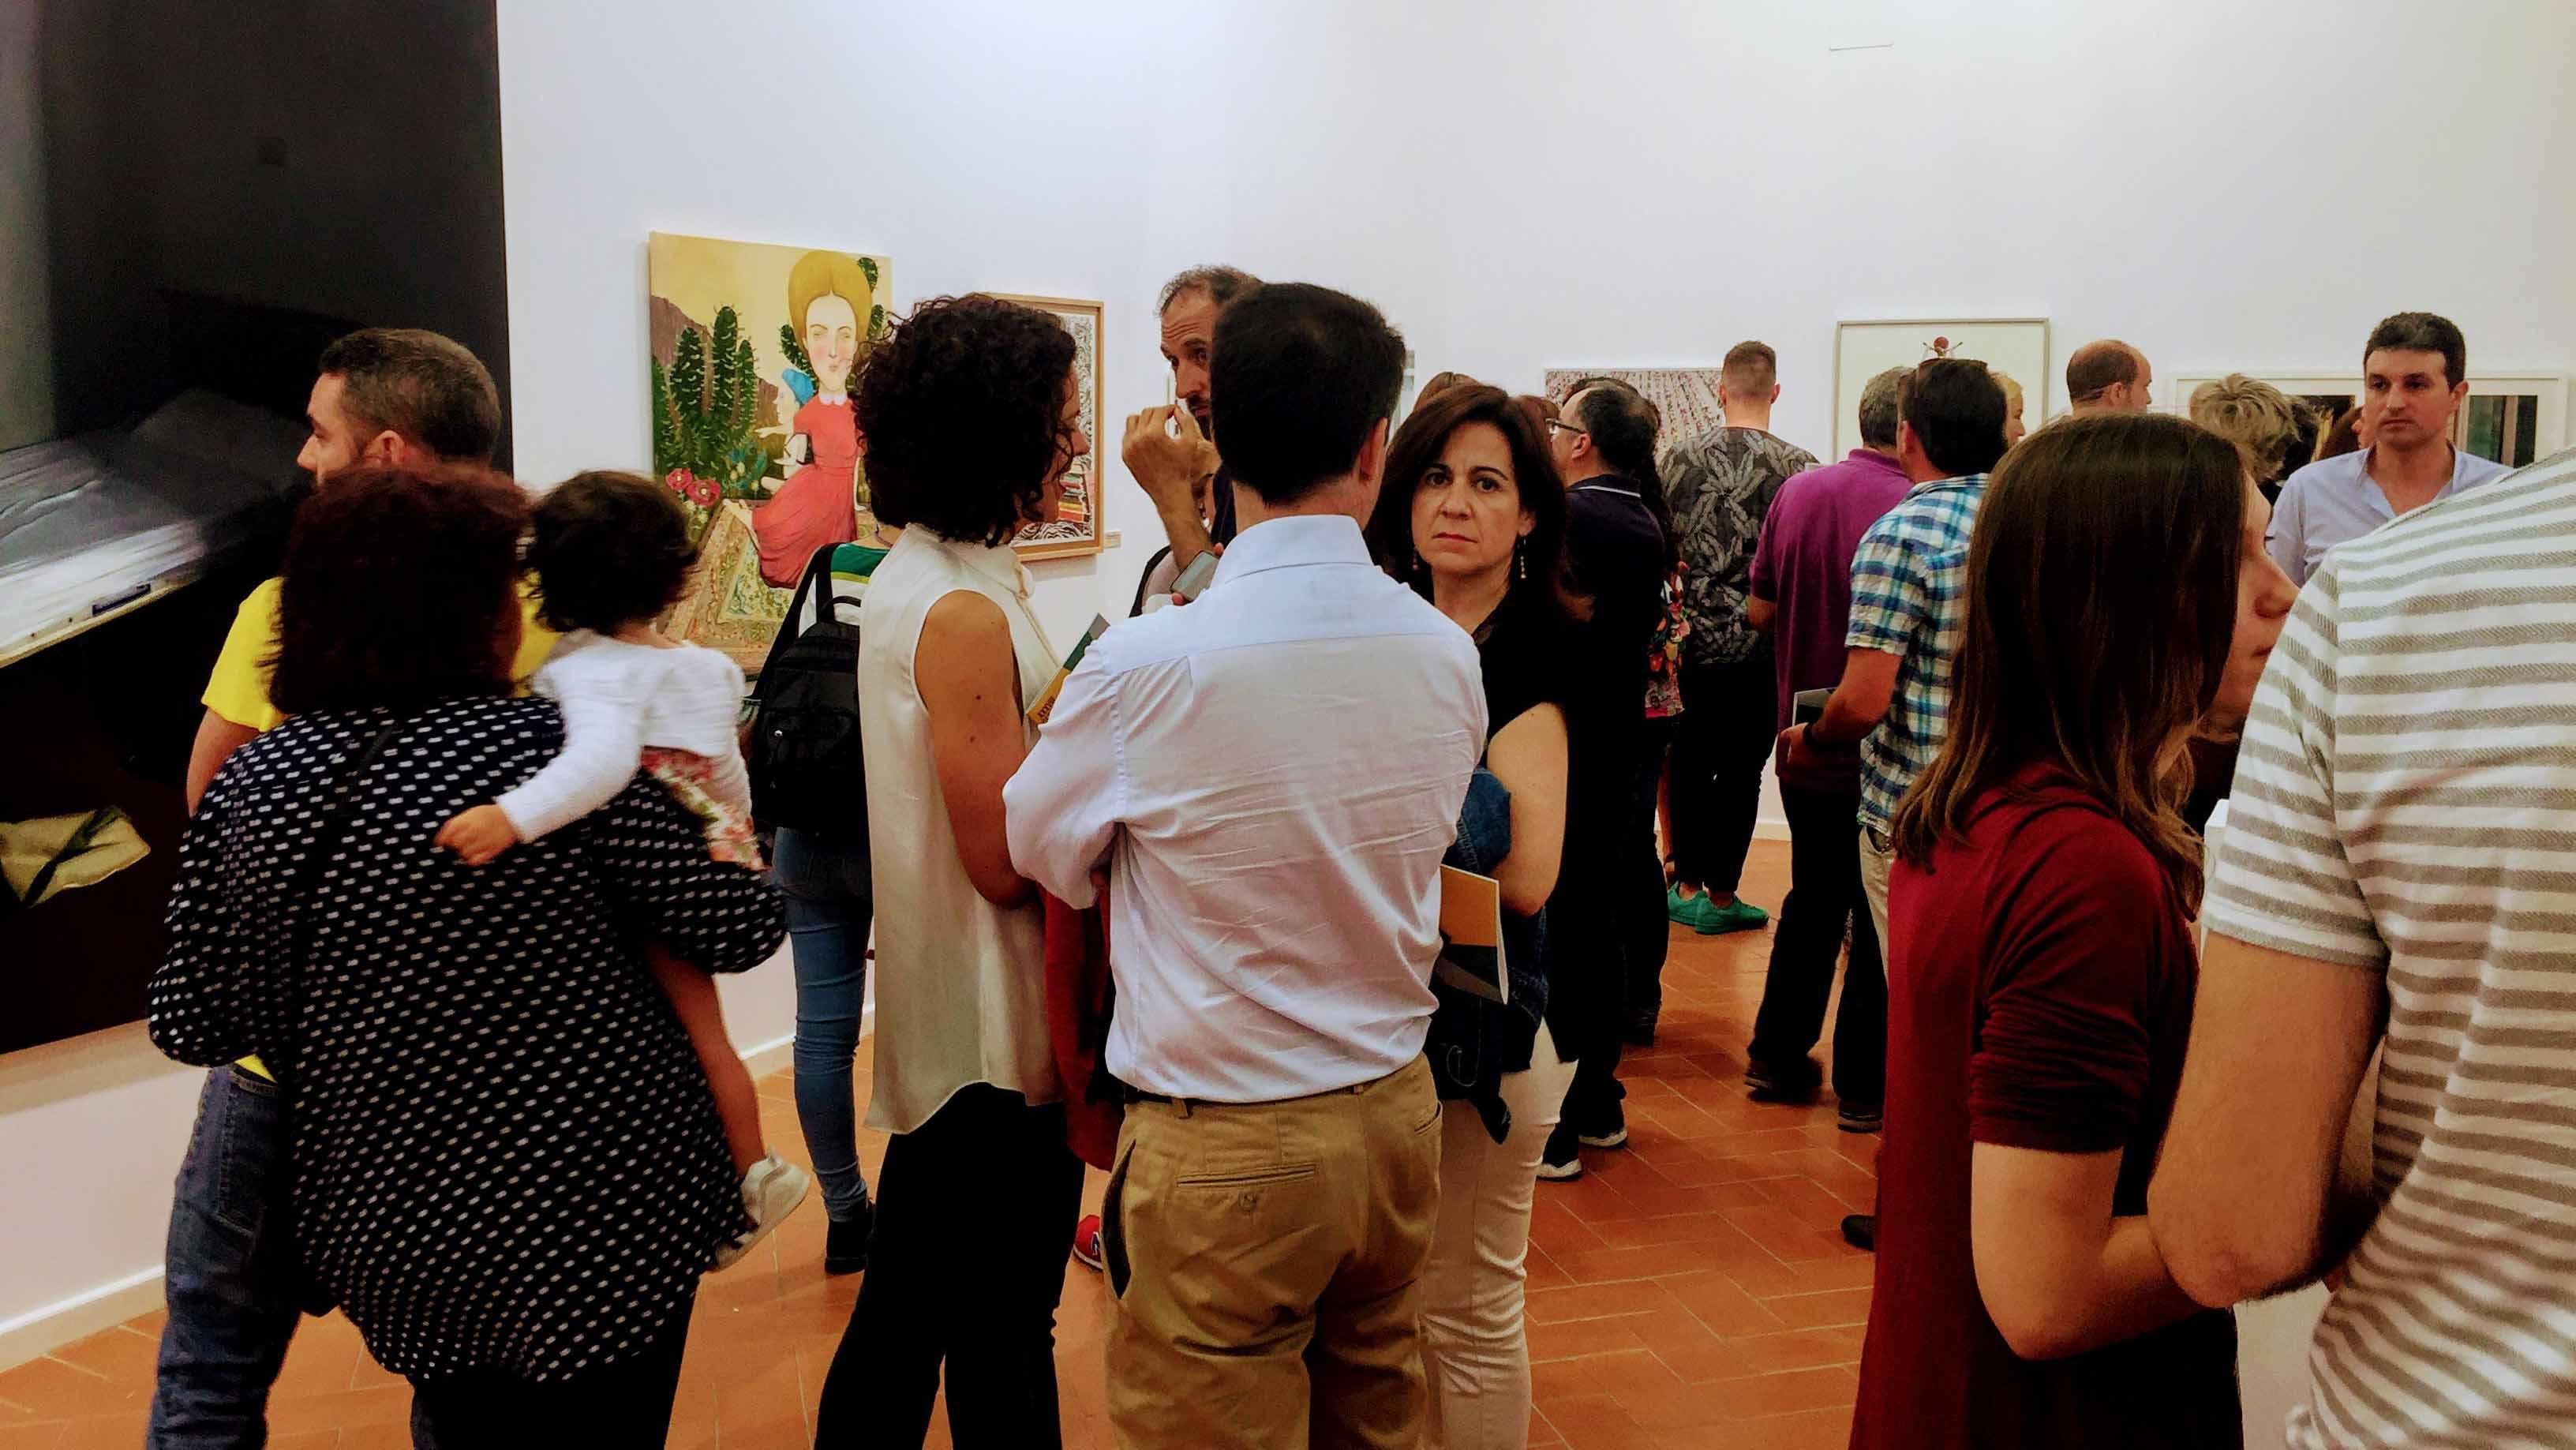 Todos los años Utrera se convierte en una referencia para los amantes del arte